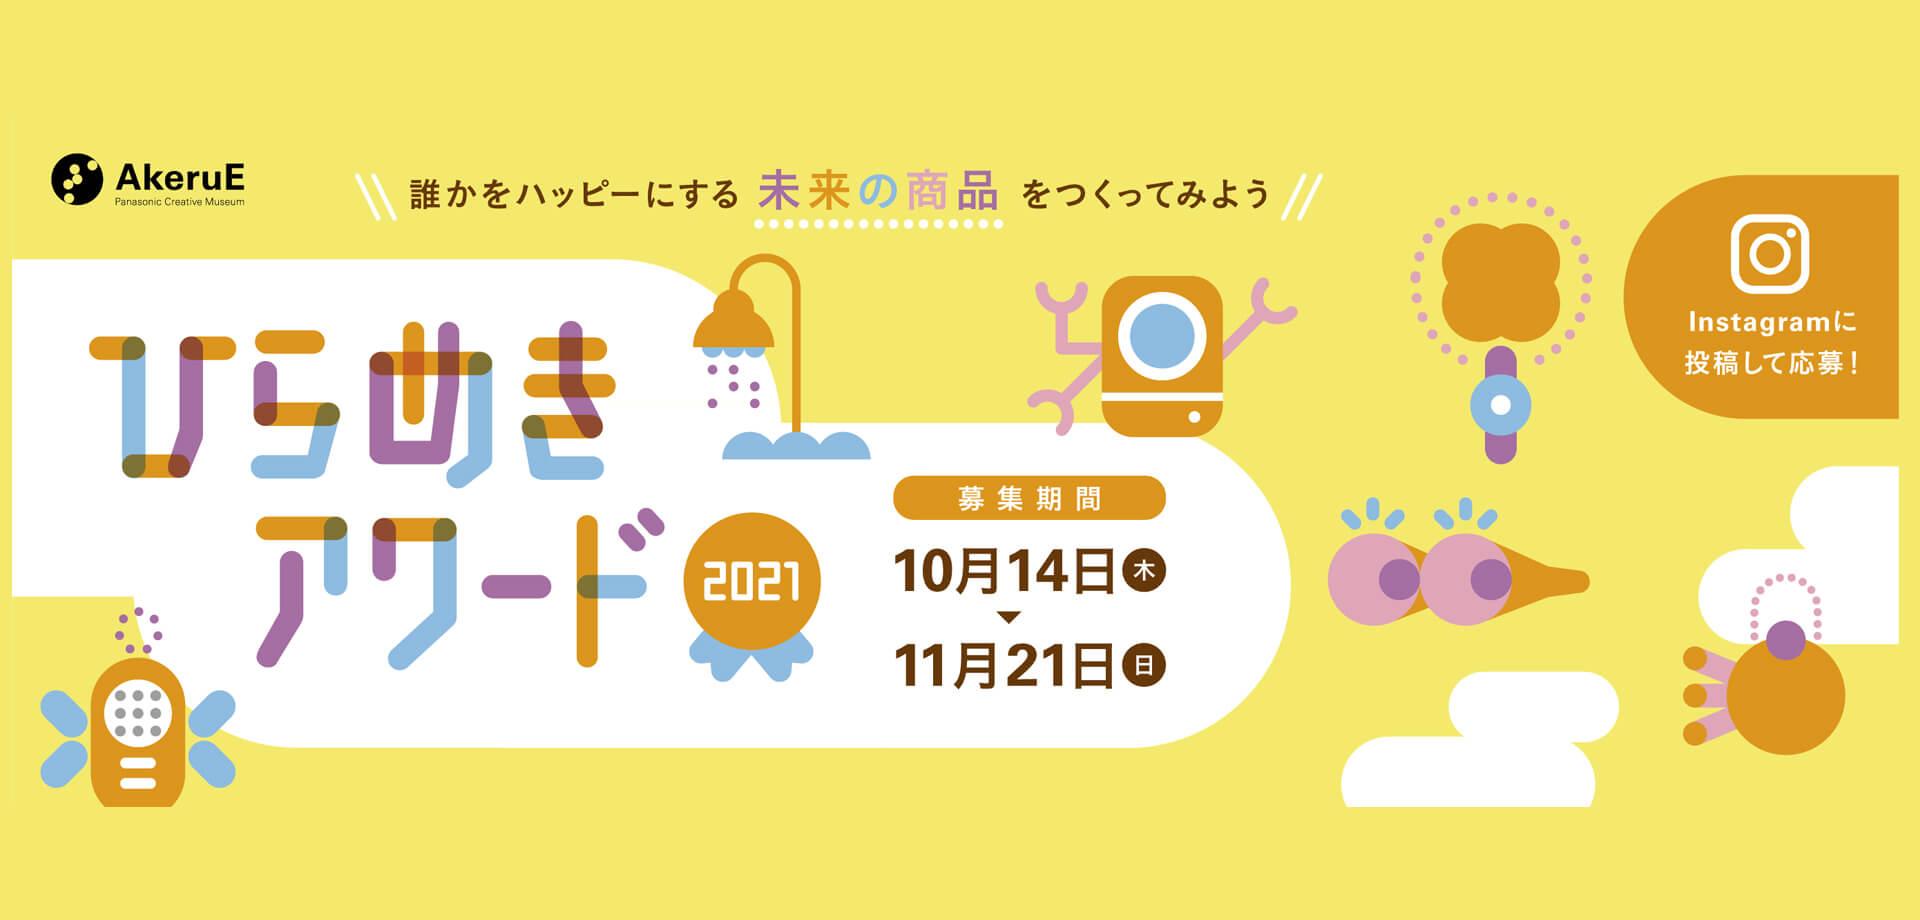 AkeruE(アケルエ)「ひらめきアワード2021」